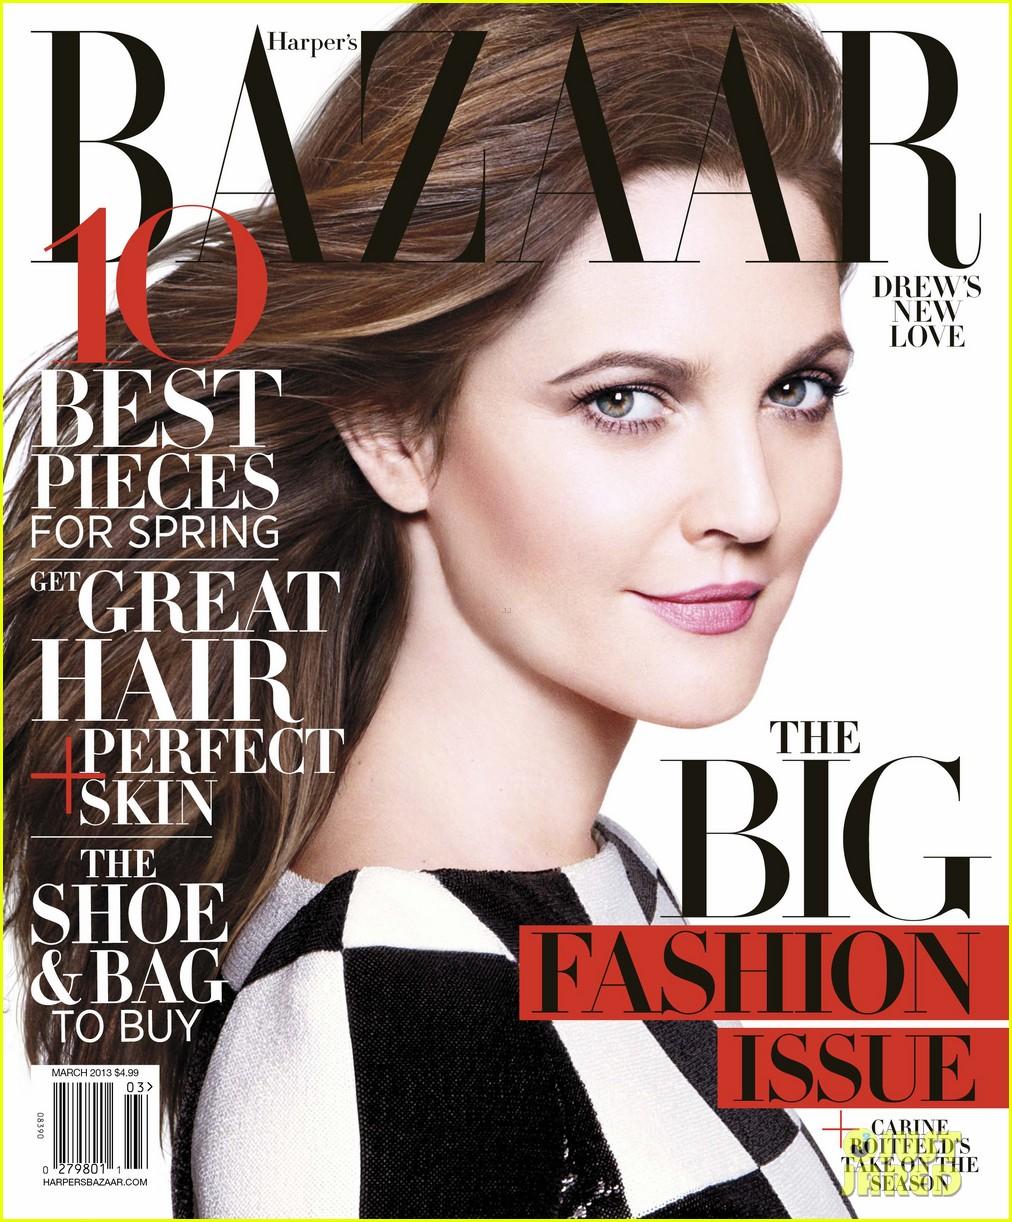 024fc5ae6dd Drew Barrymore wearing Louis Vuitton for Harper s Bazaar 2013